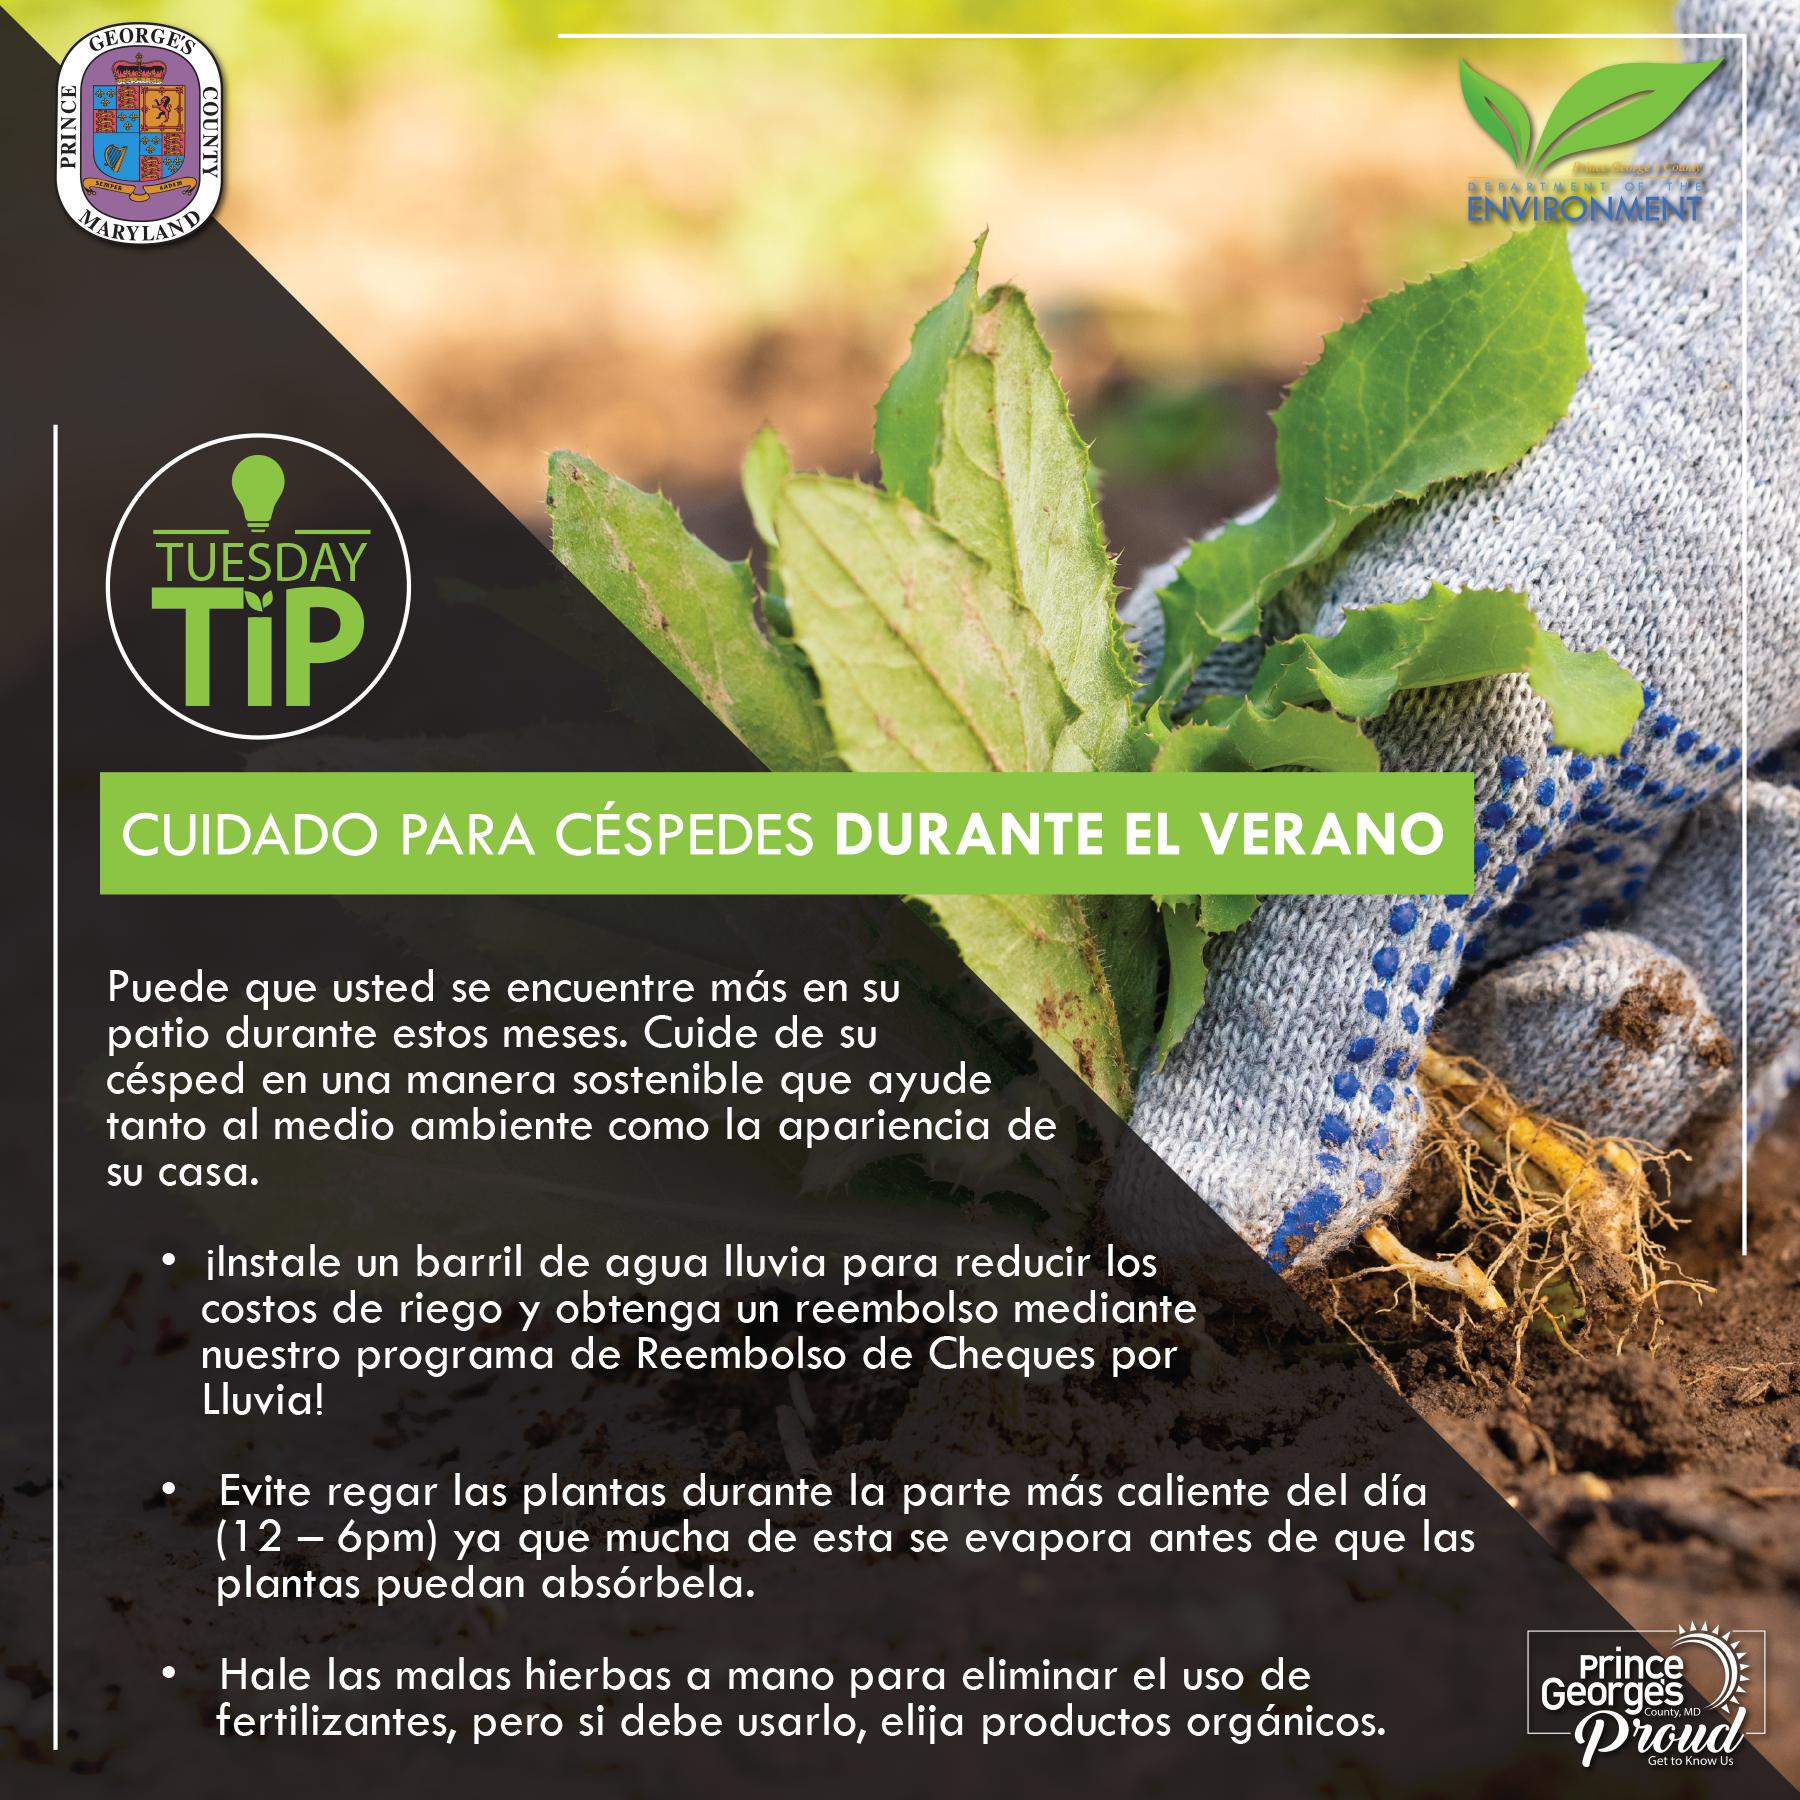 Tues Tip 8.18.20 LawnCare sp